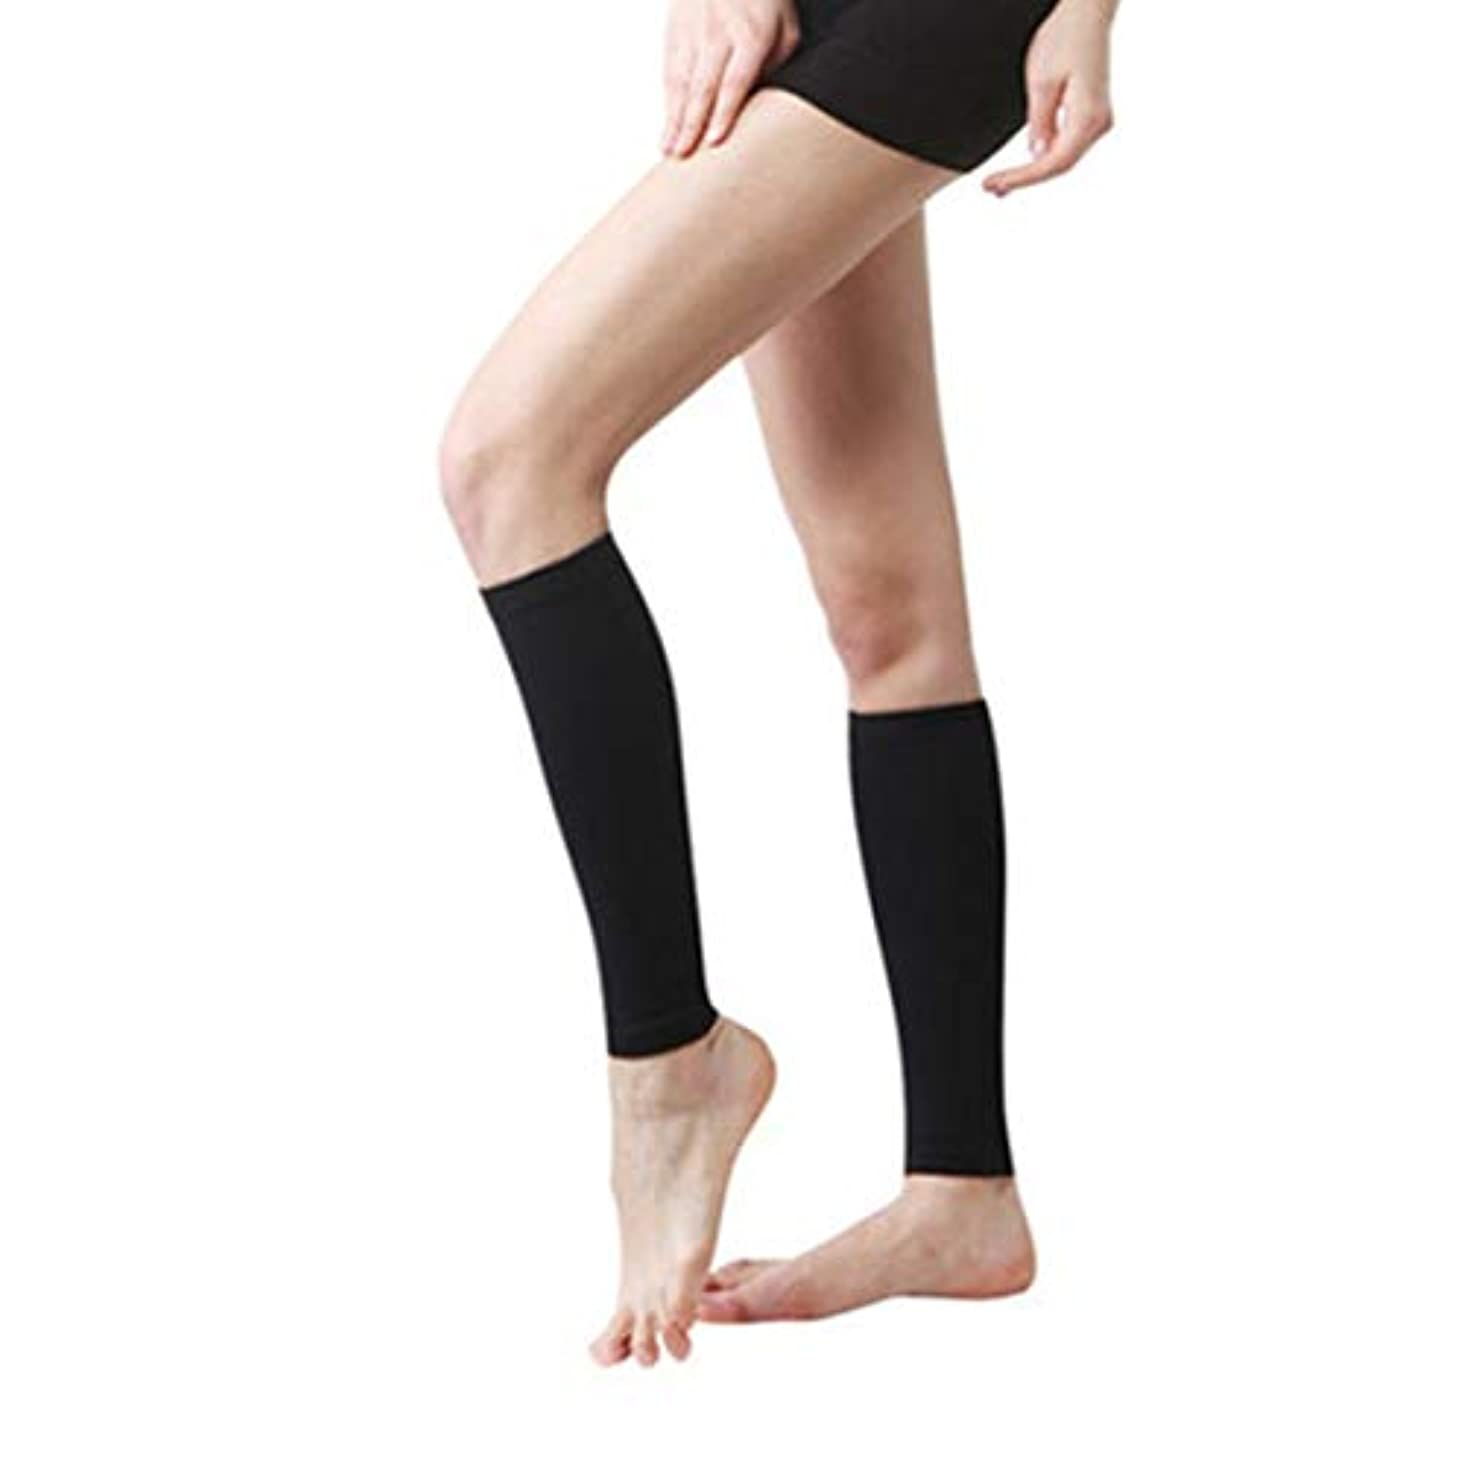 会計士頬骨肯定的丈夫な男性女性プロの圧縮靴下通気性のある旅行活動看護師用シンススプリントフライトトラベル - ブラック